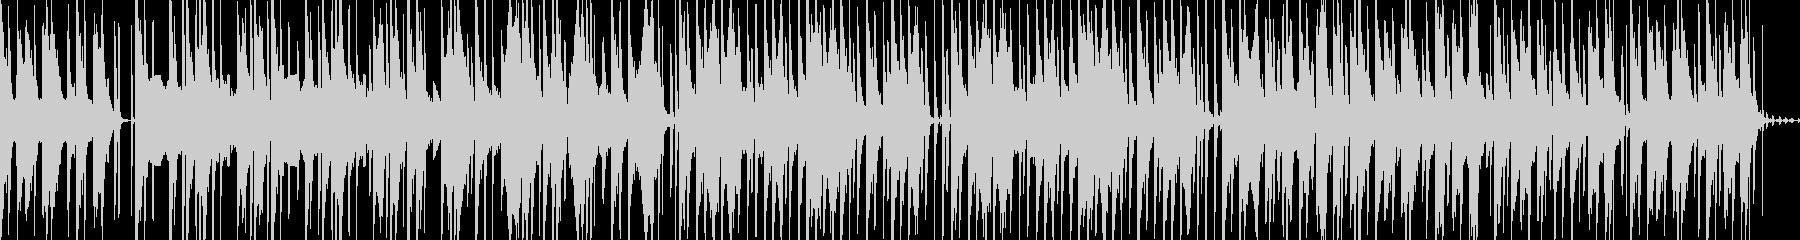 軽いニカ感のあるピアノHIPHOPの未再生の波形